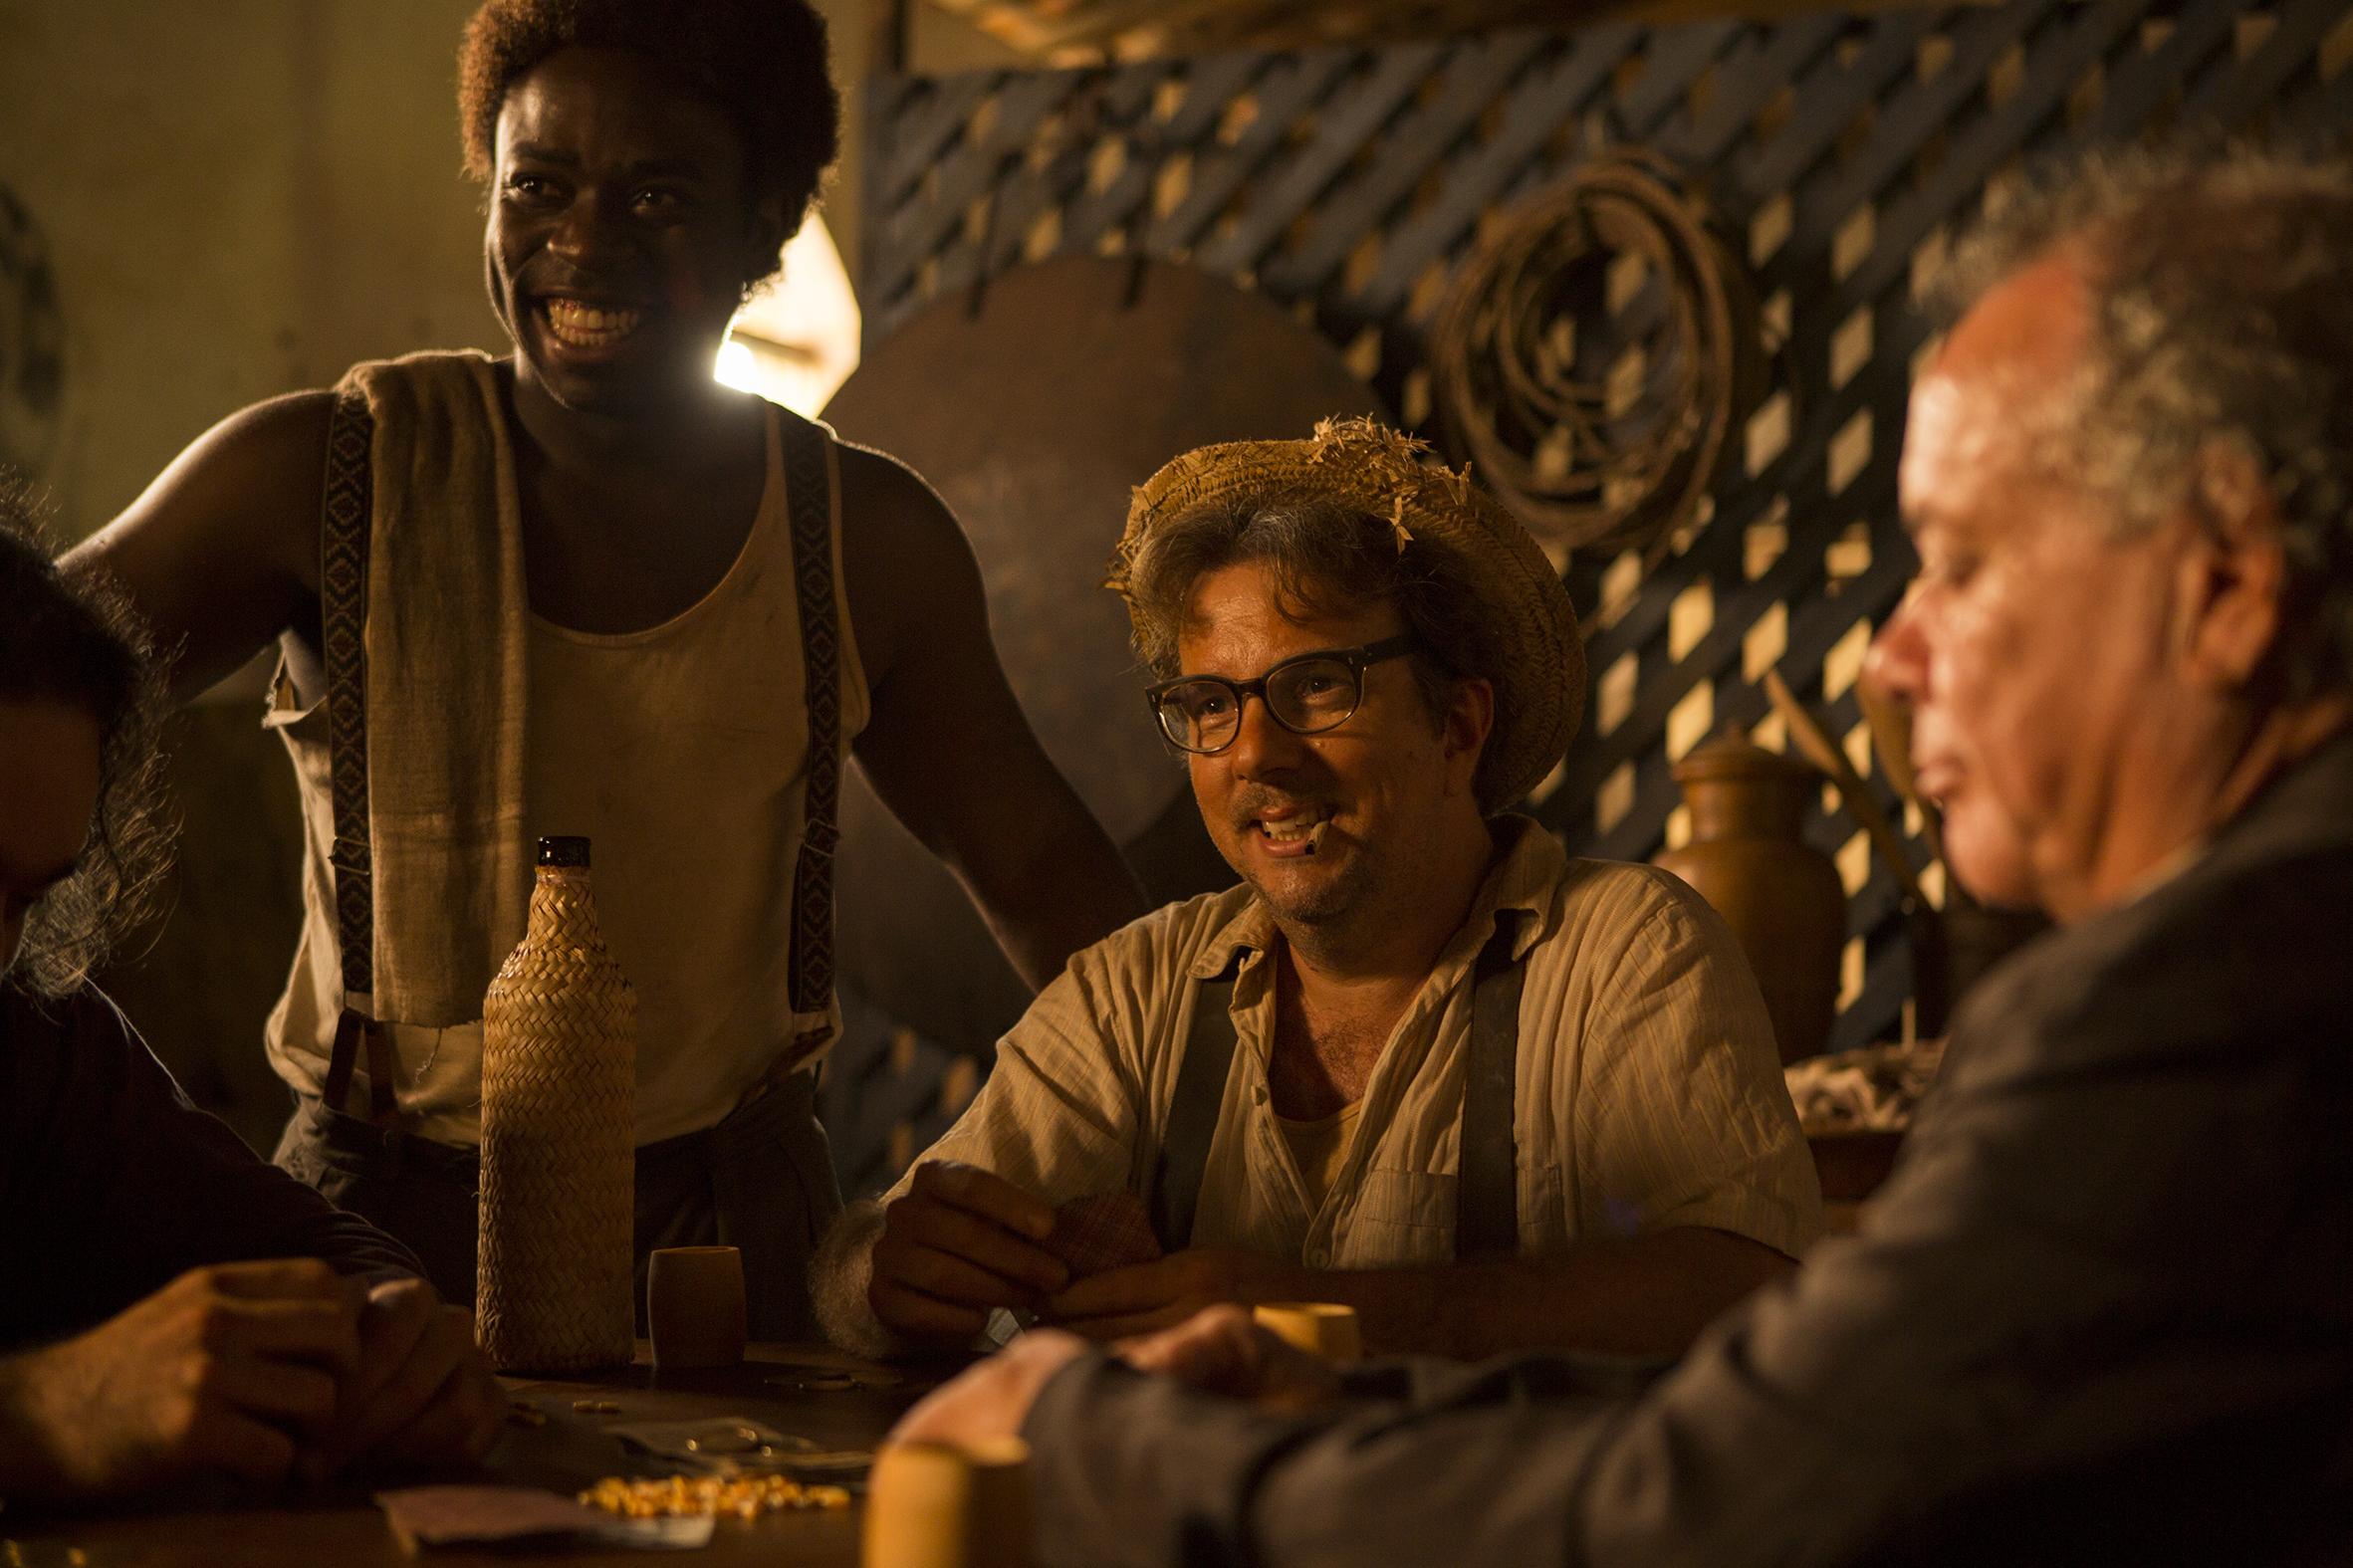 Imagem do filme Malasartes e o Duelo com a Morte, no bar, com o atendente negro Baco - Foto de André Brandão